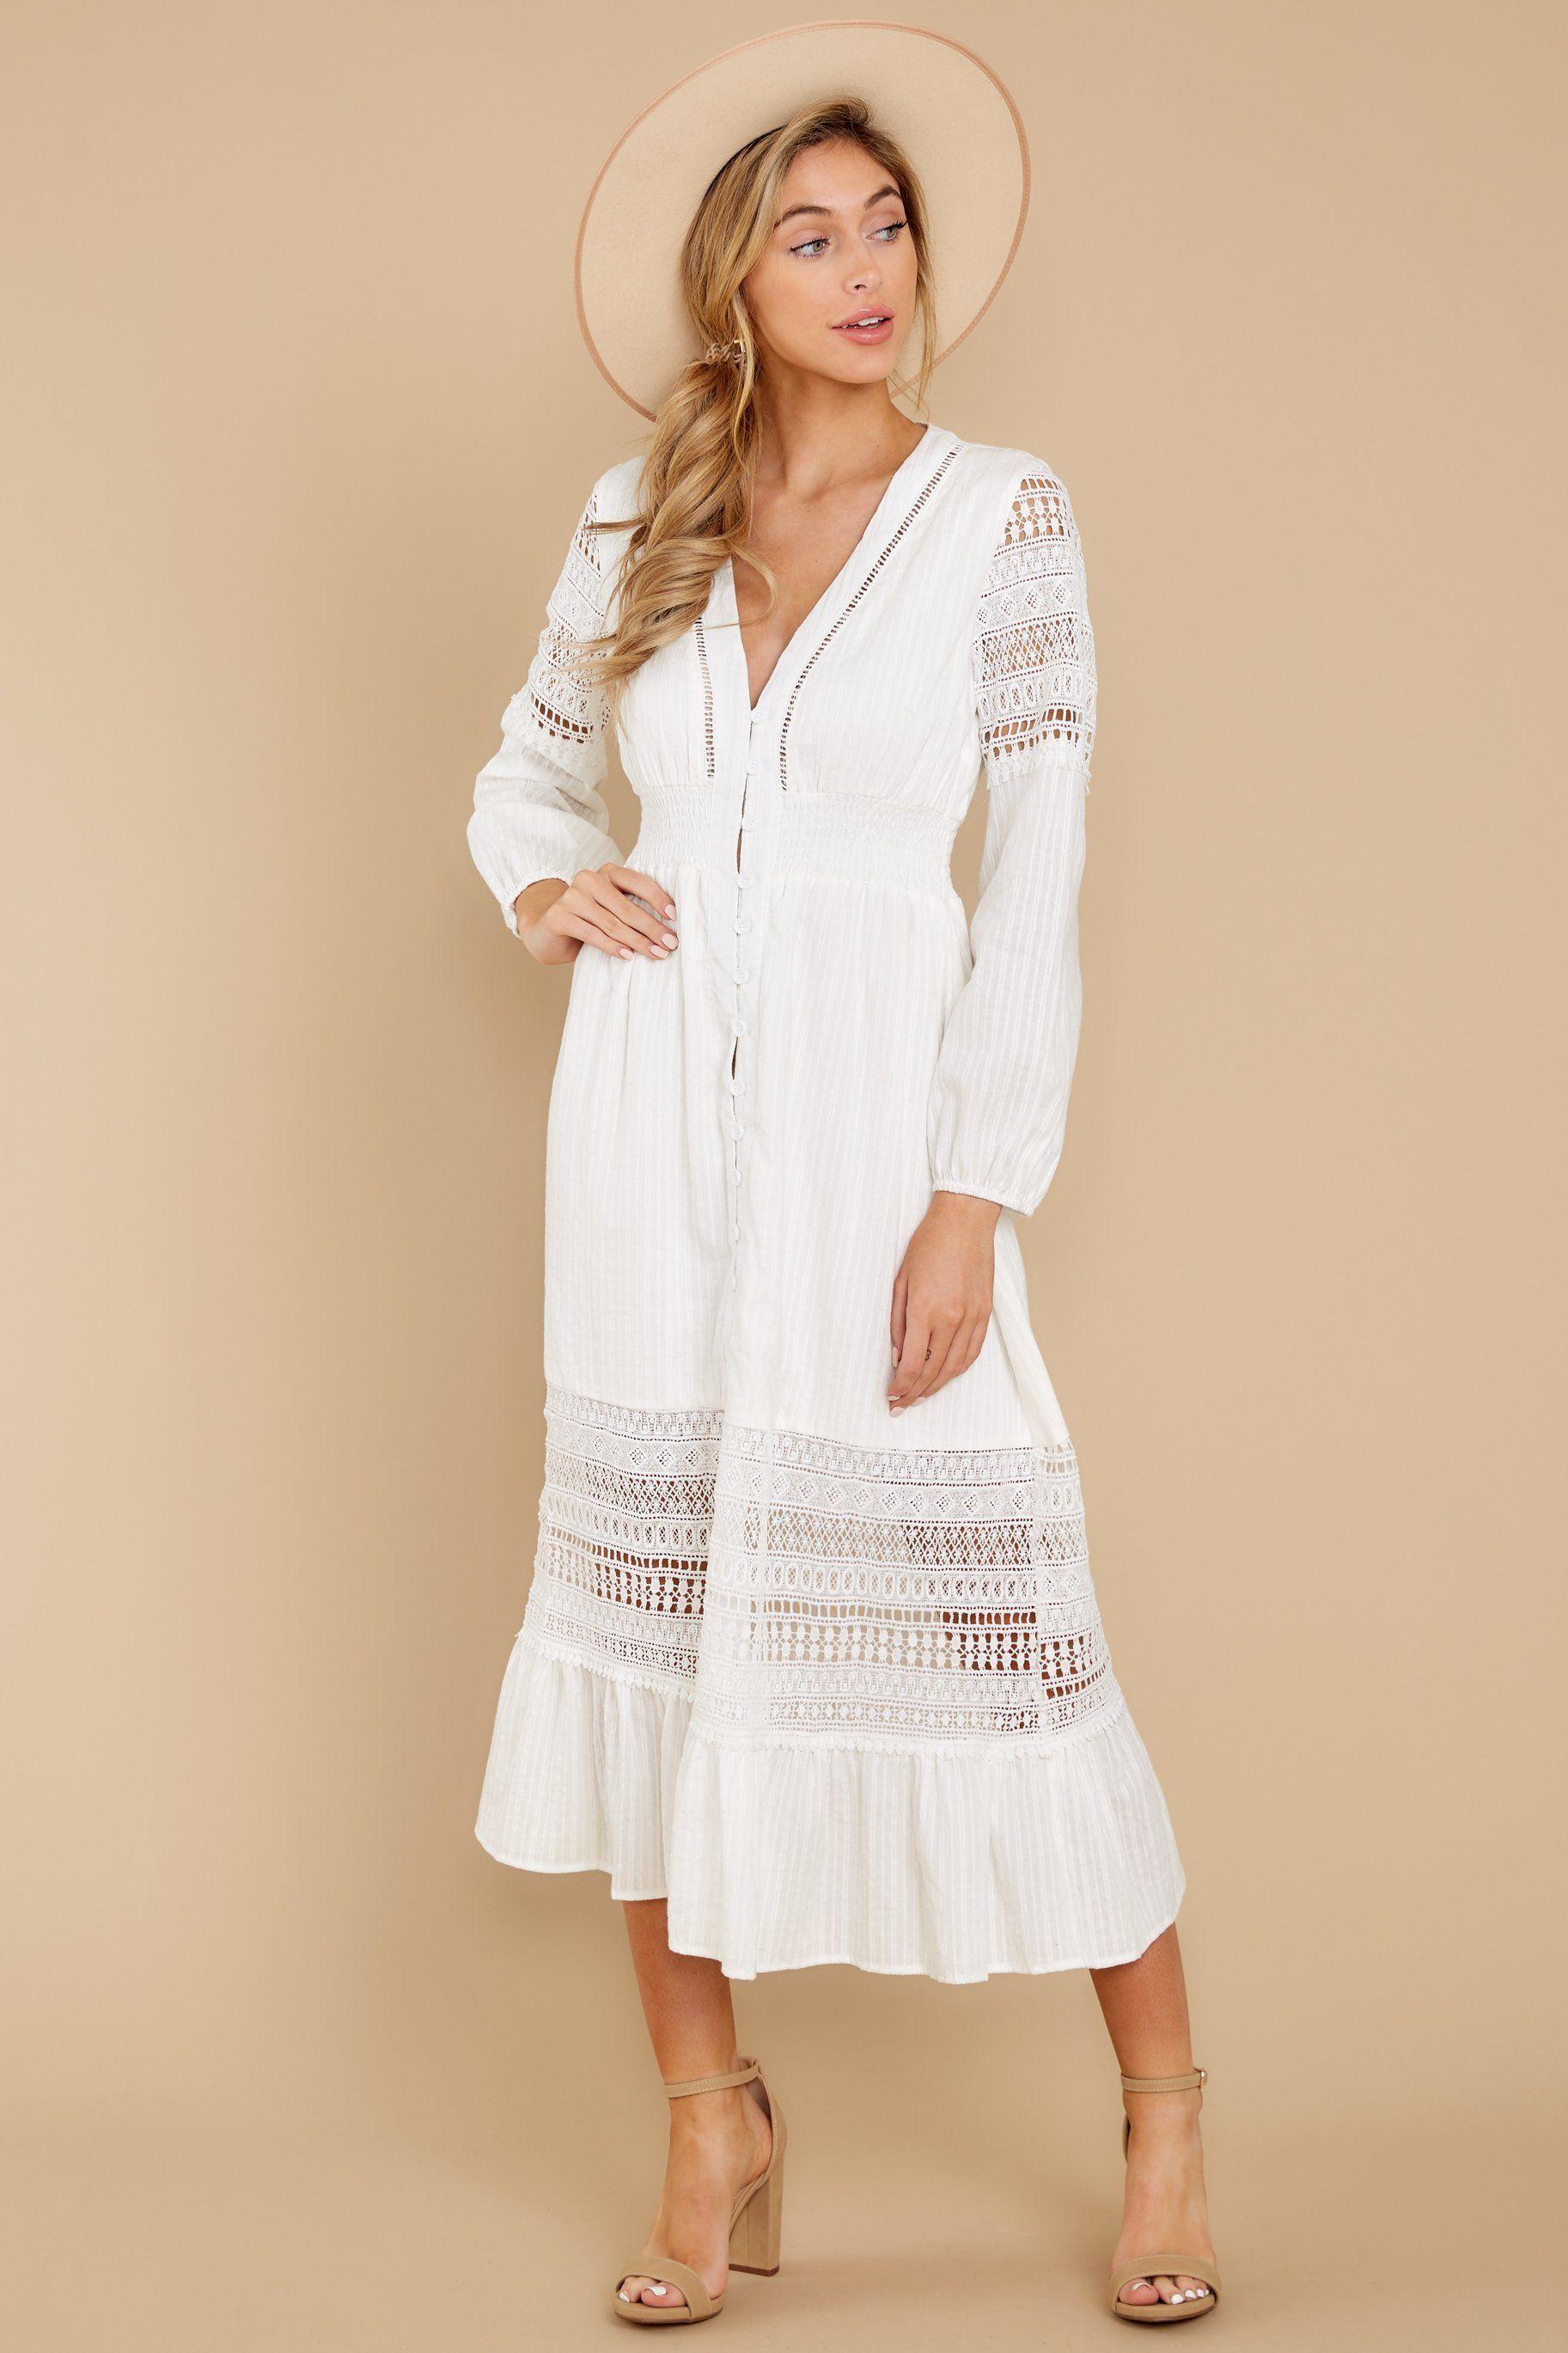 Call this classic white lace midi dress in 2020 midi